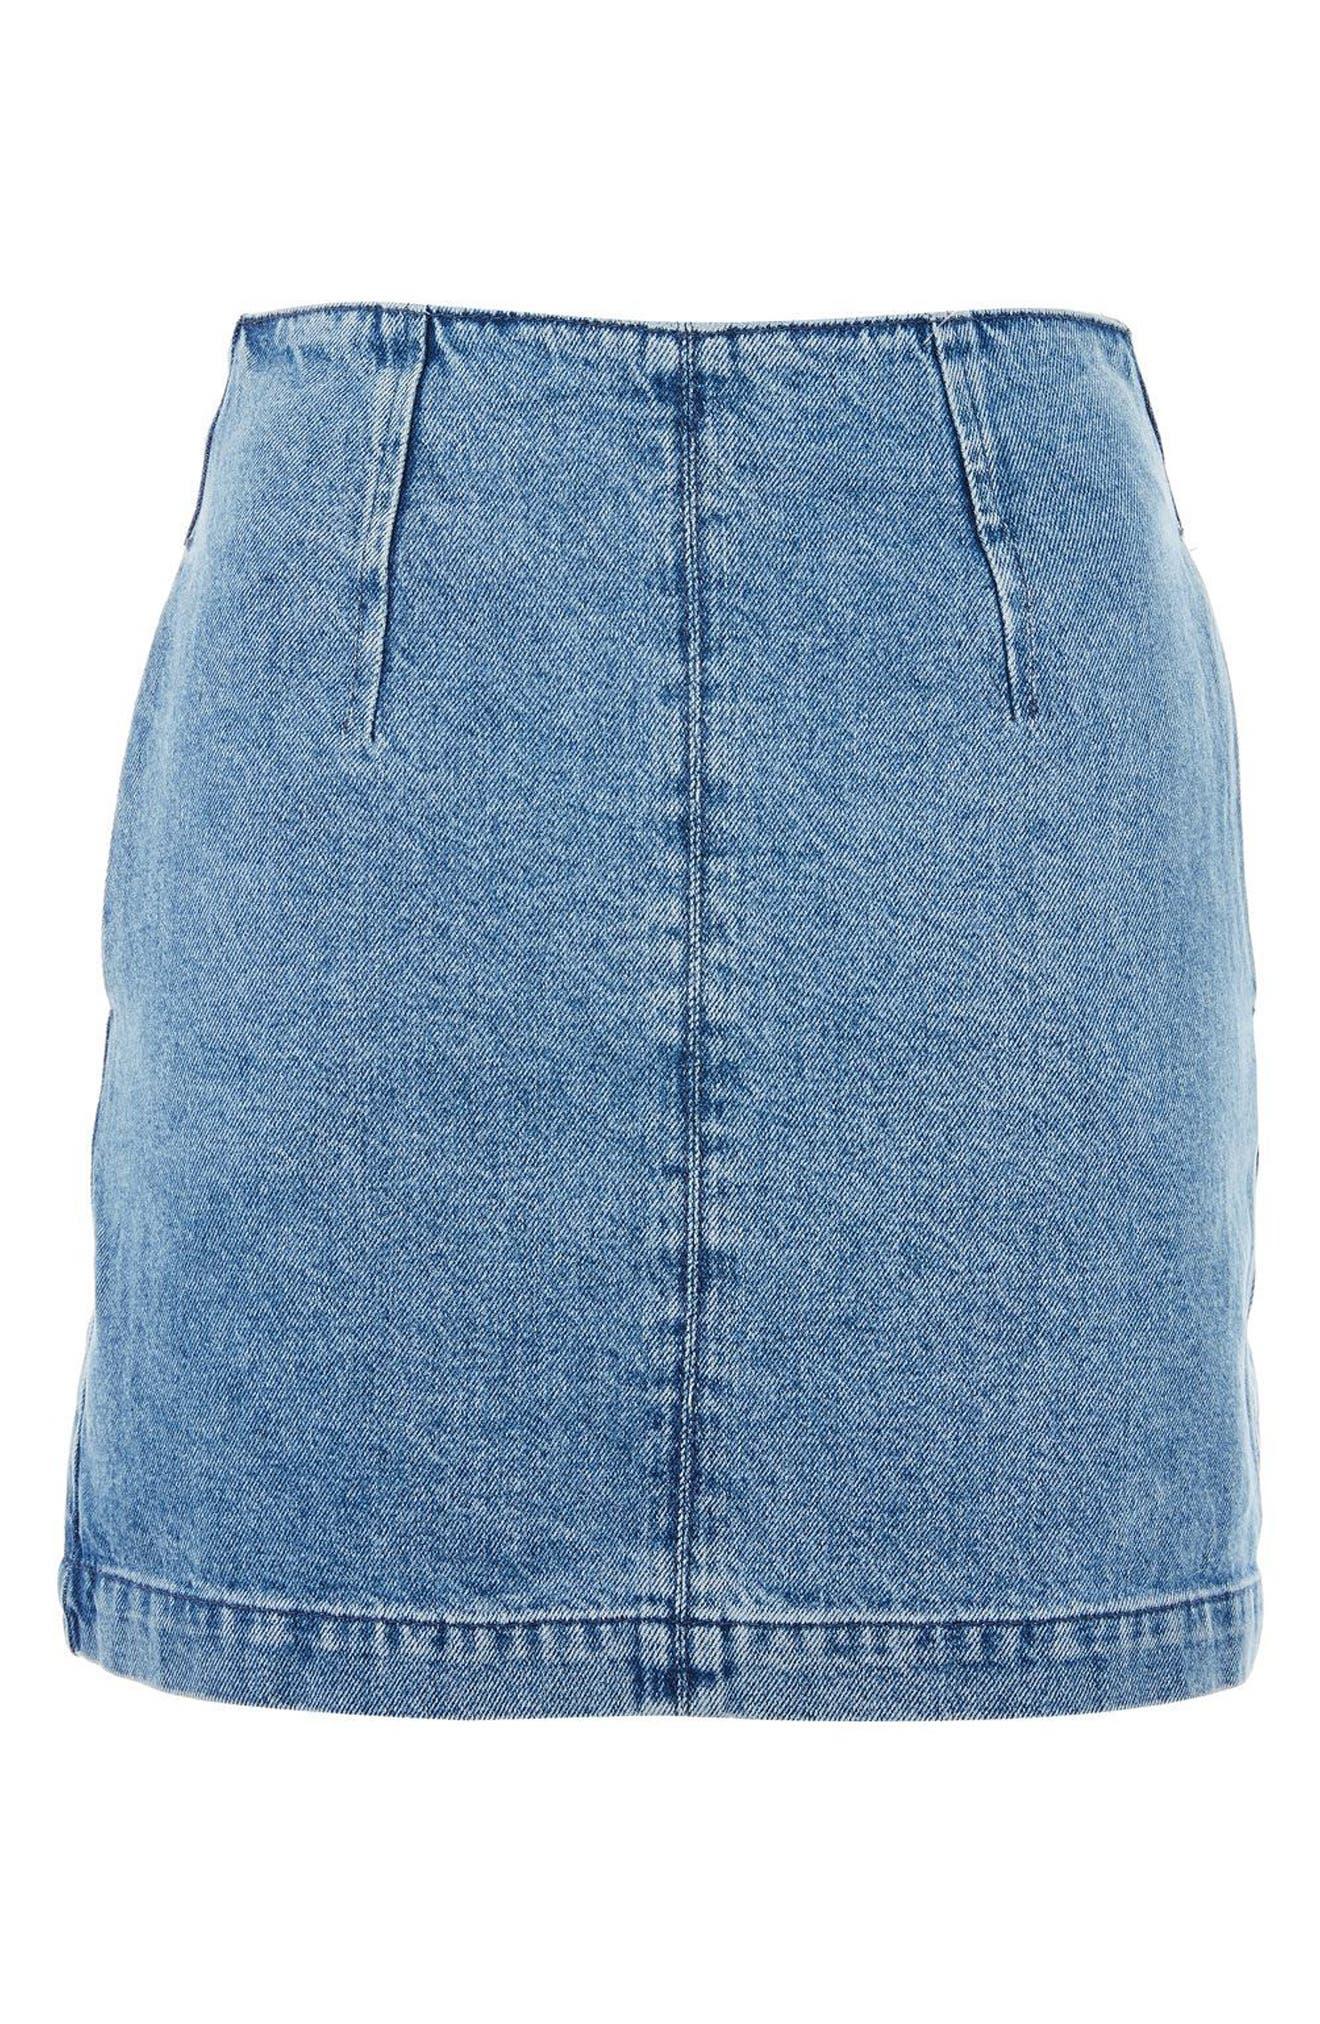 A-Line Denim Miniskirt,                             Alternate thumbnail 3, color,                             400